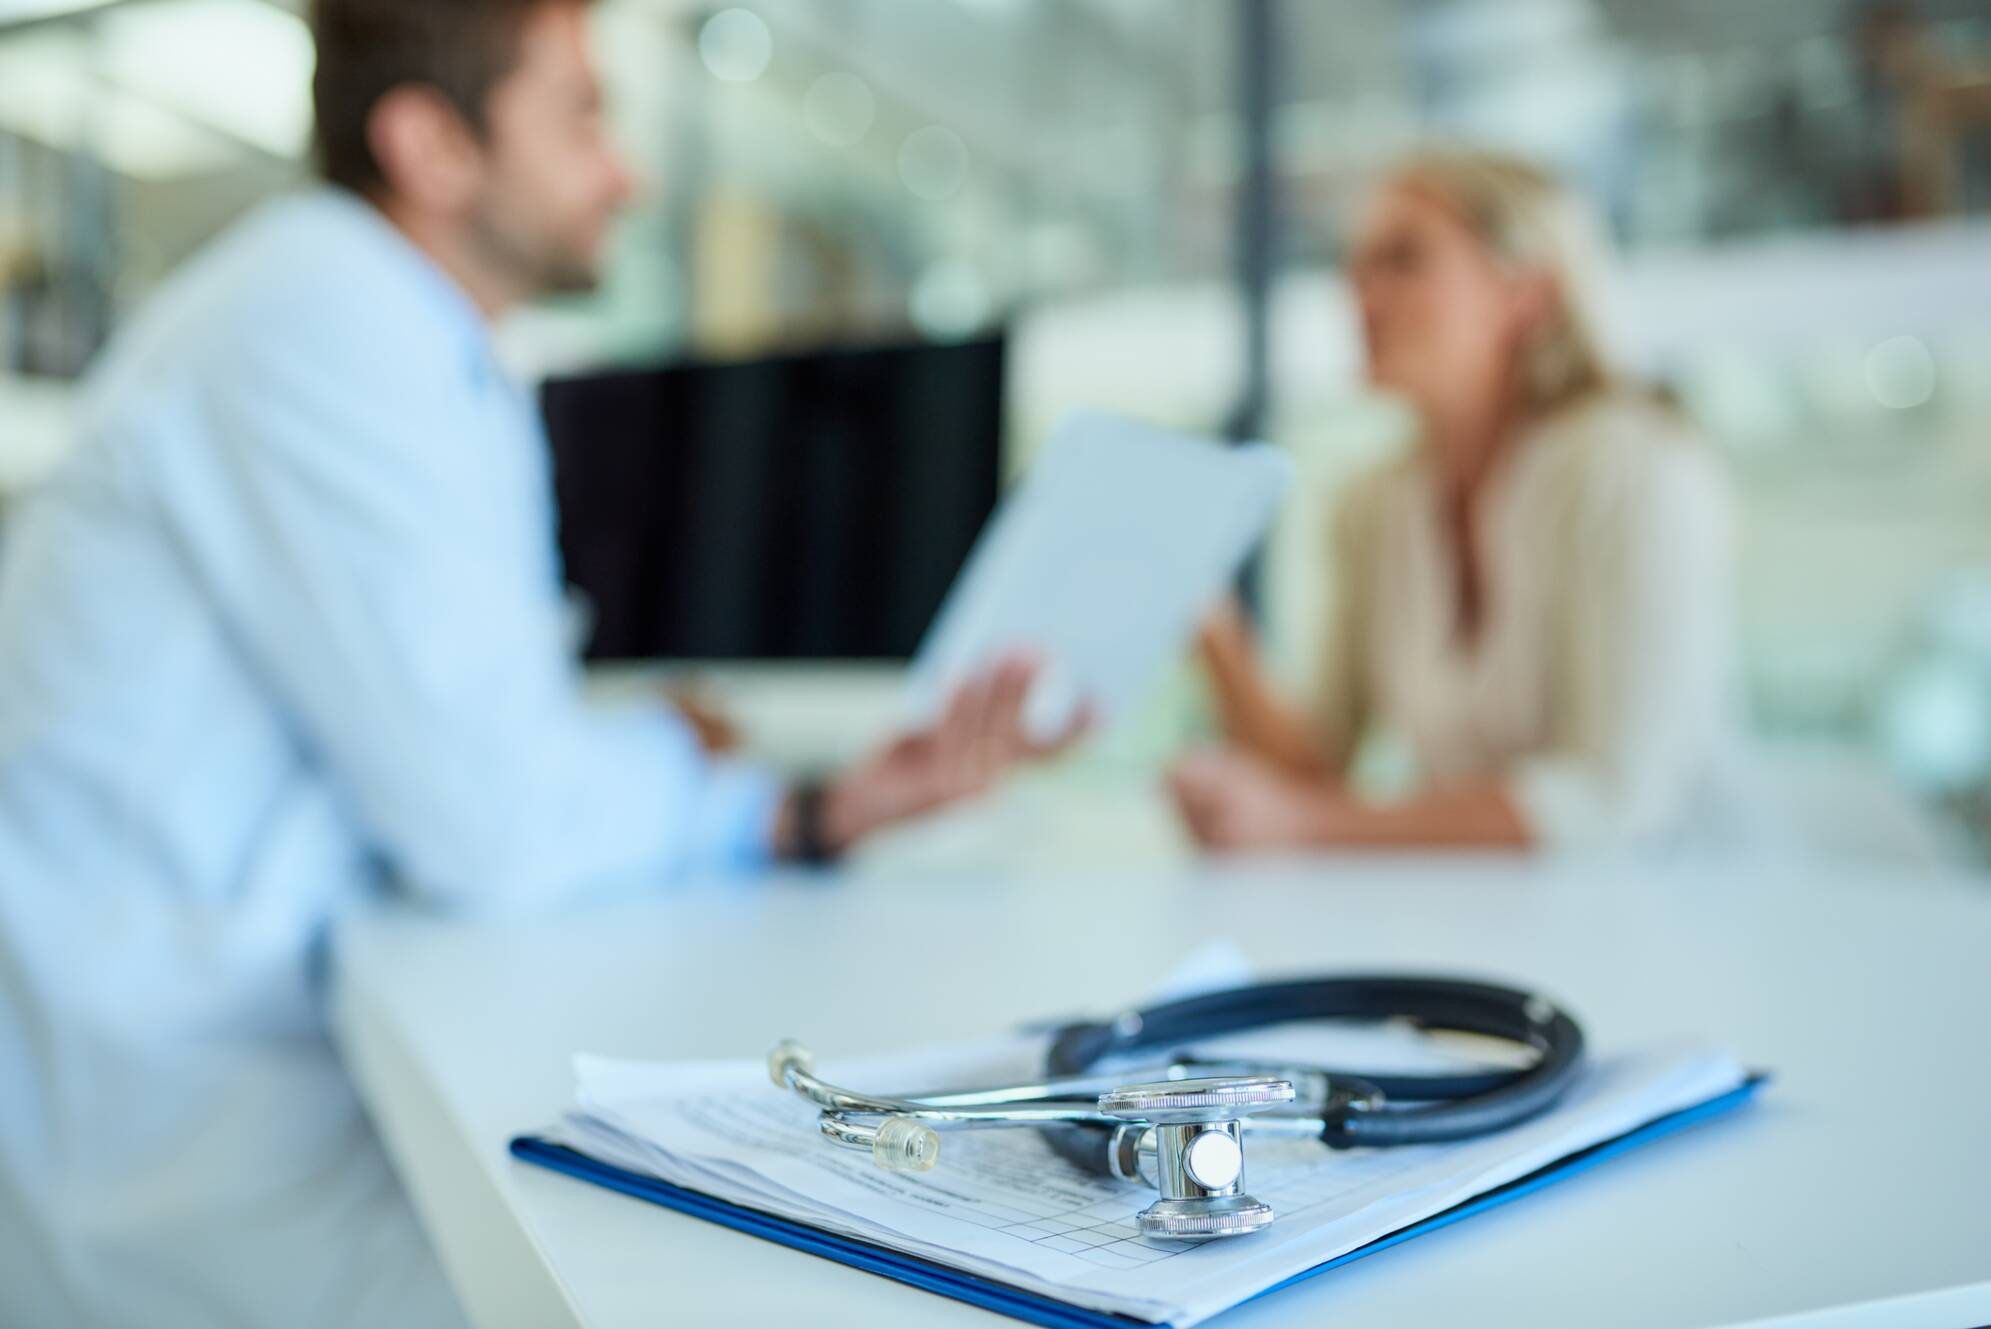 Foto de un estetoscopio y un portapapeles en un escritorio con un médico y un paciente en el fondo